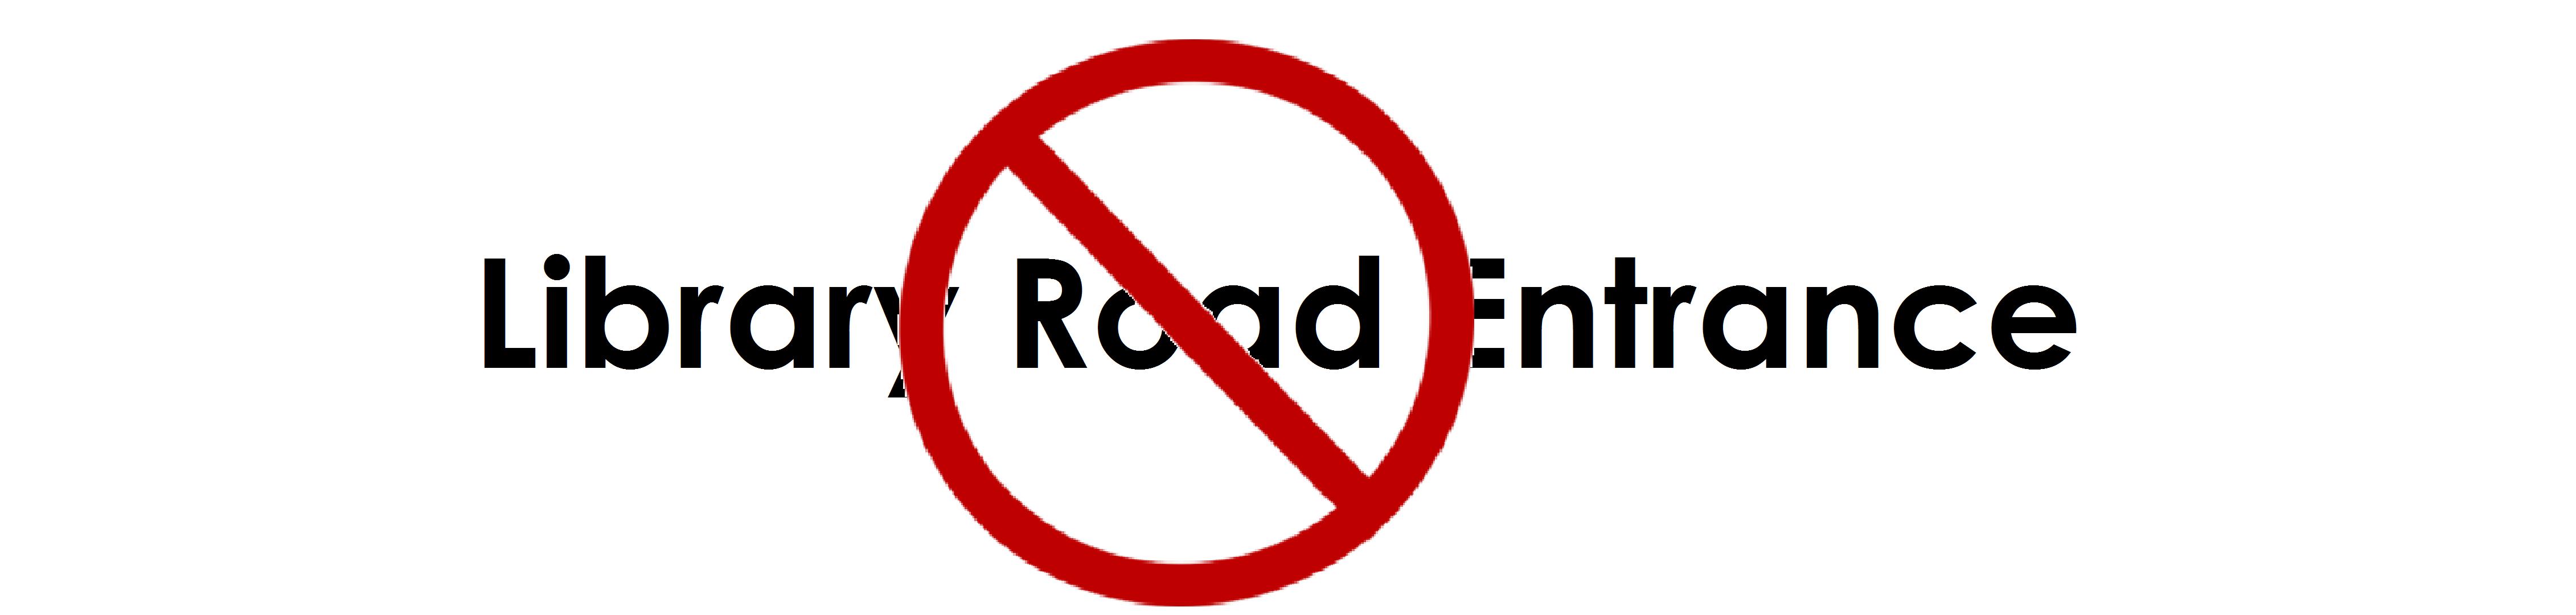 No entry symbol